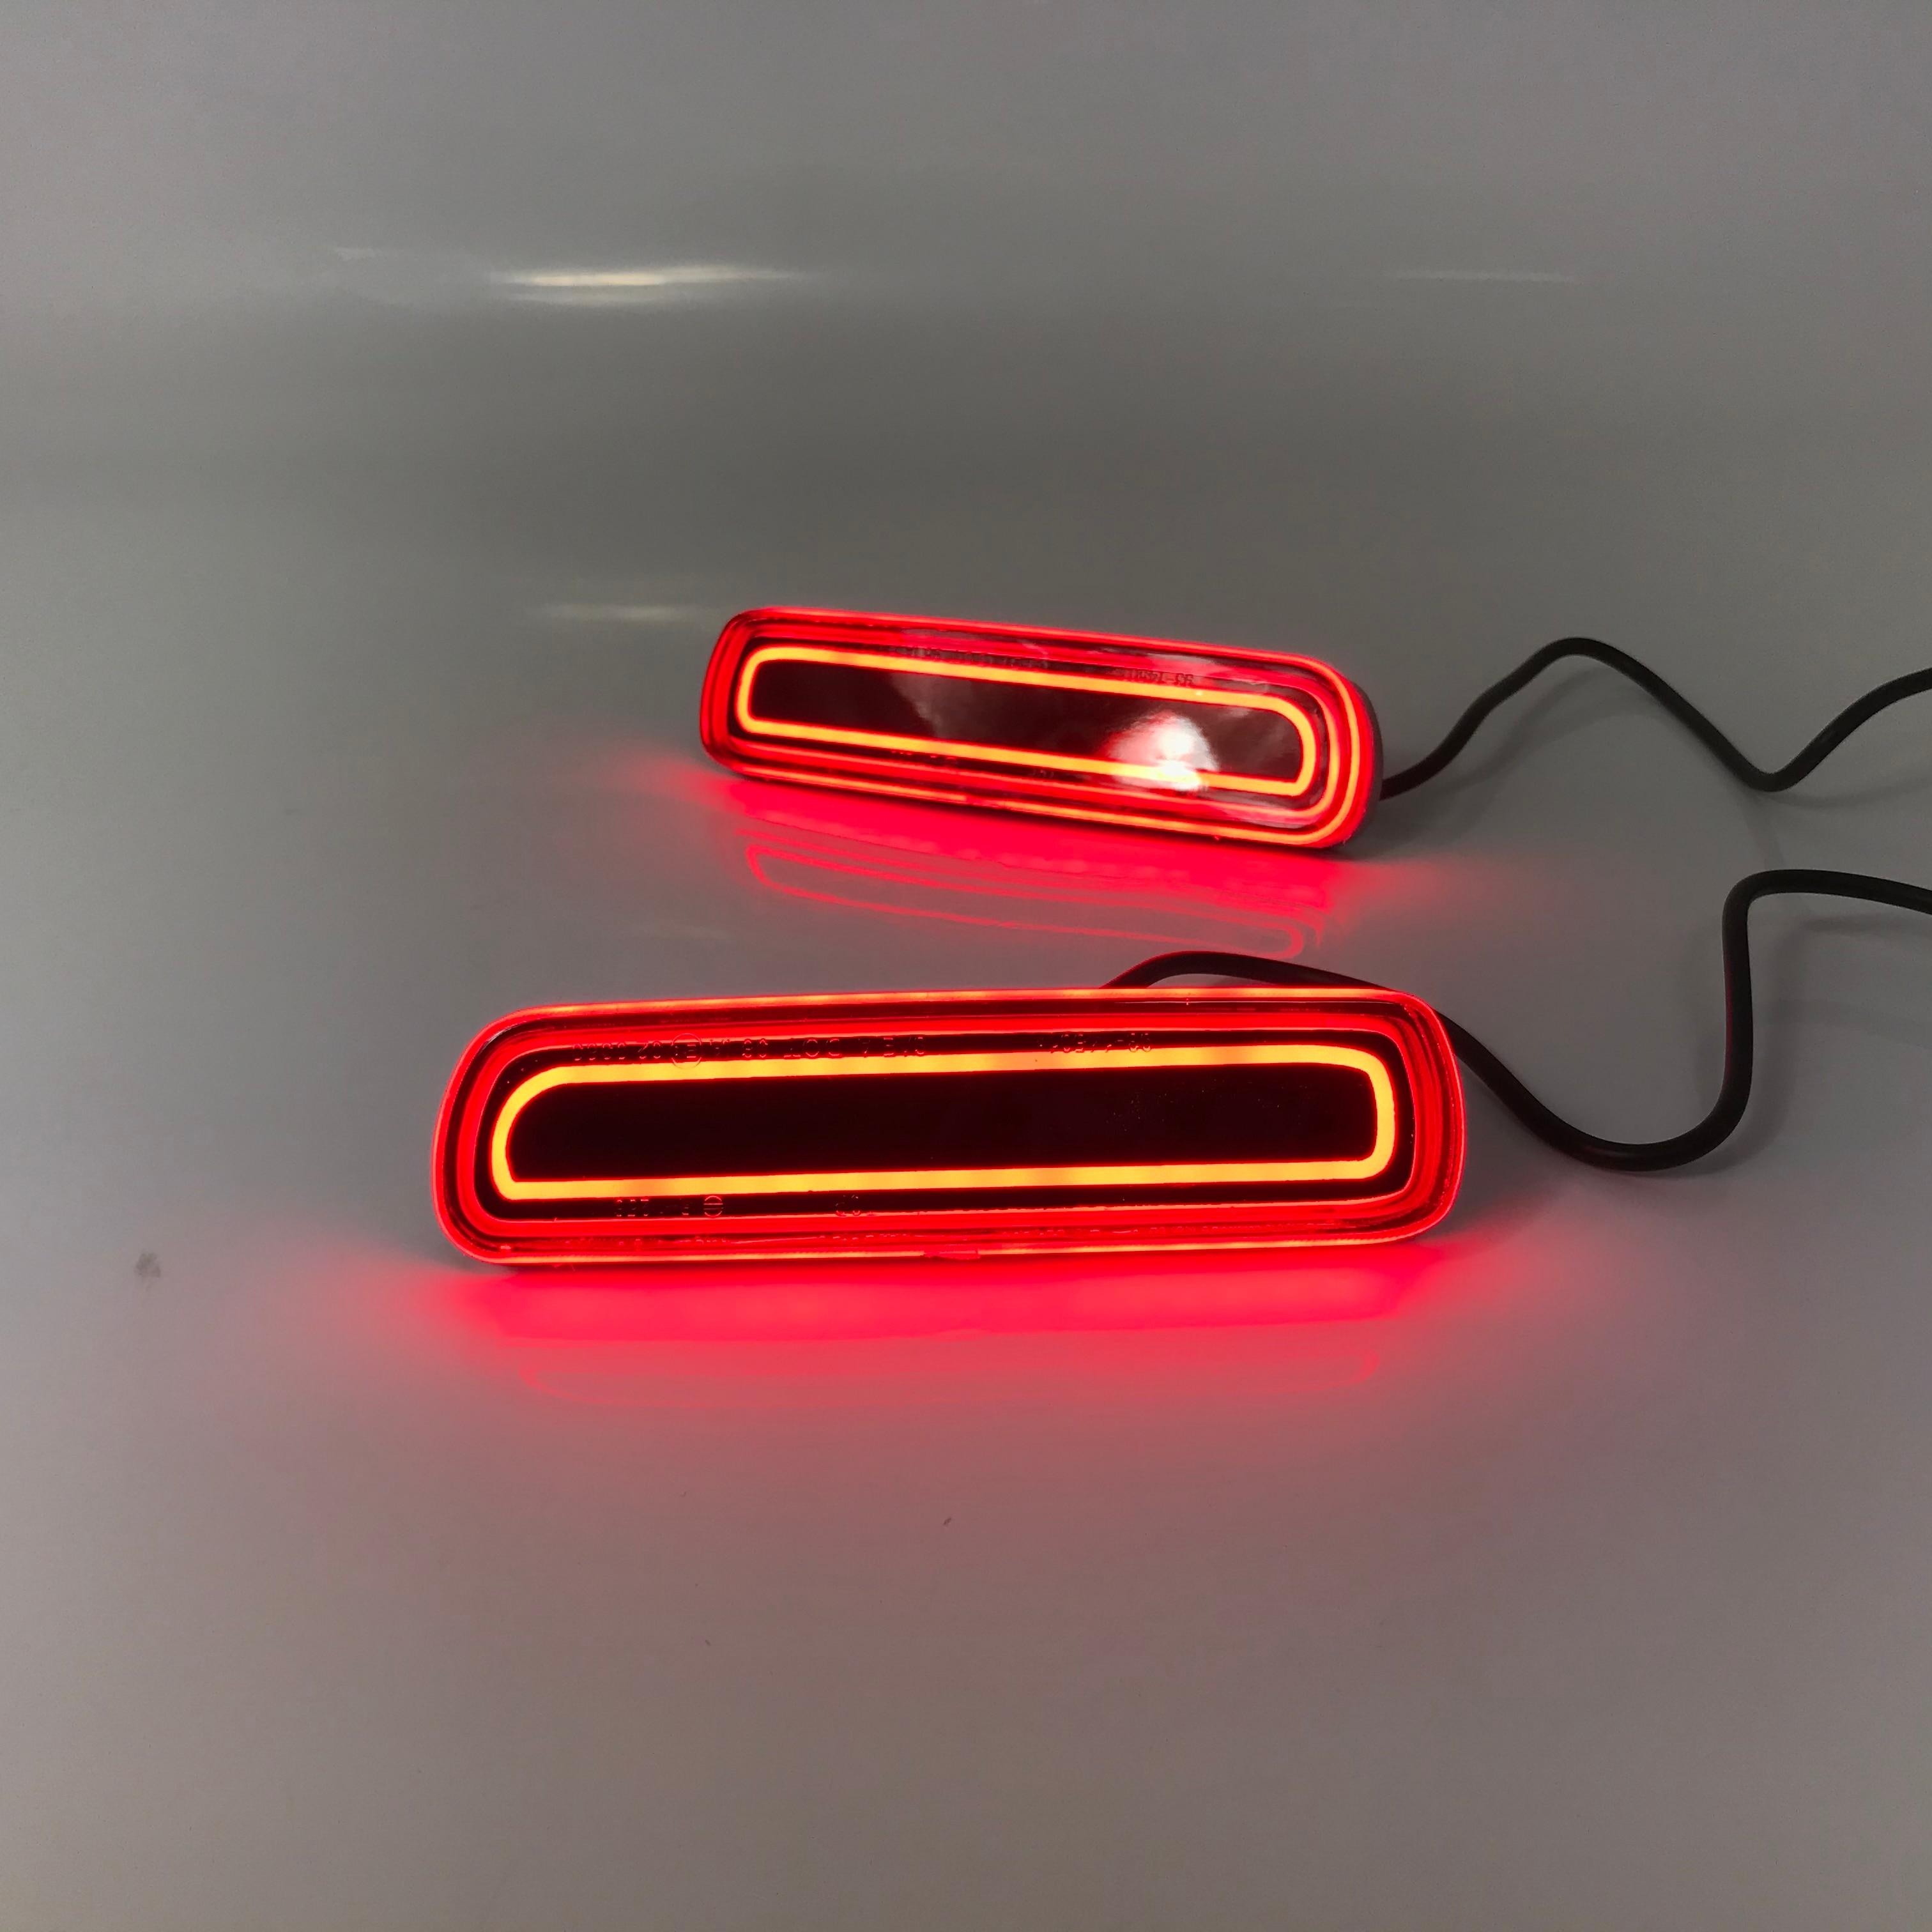 Montaje de luz de parachoques trasero Luz de Freno Led para Toyota land cruiser lc100 lexus lx470, 2 uds